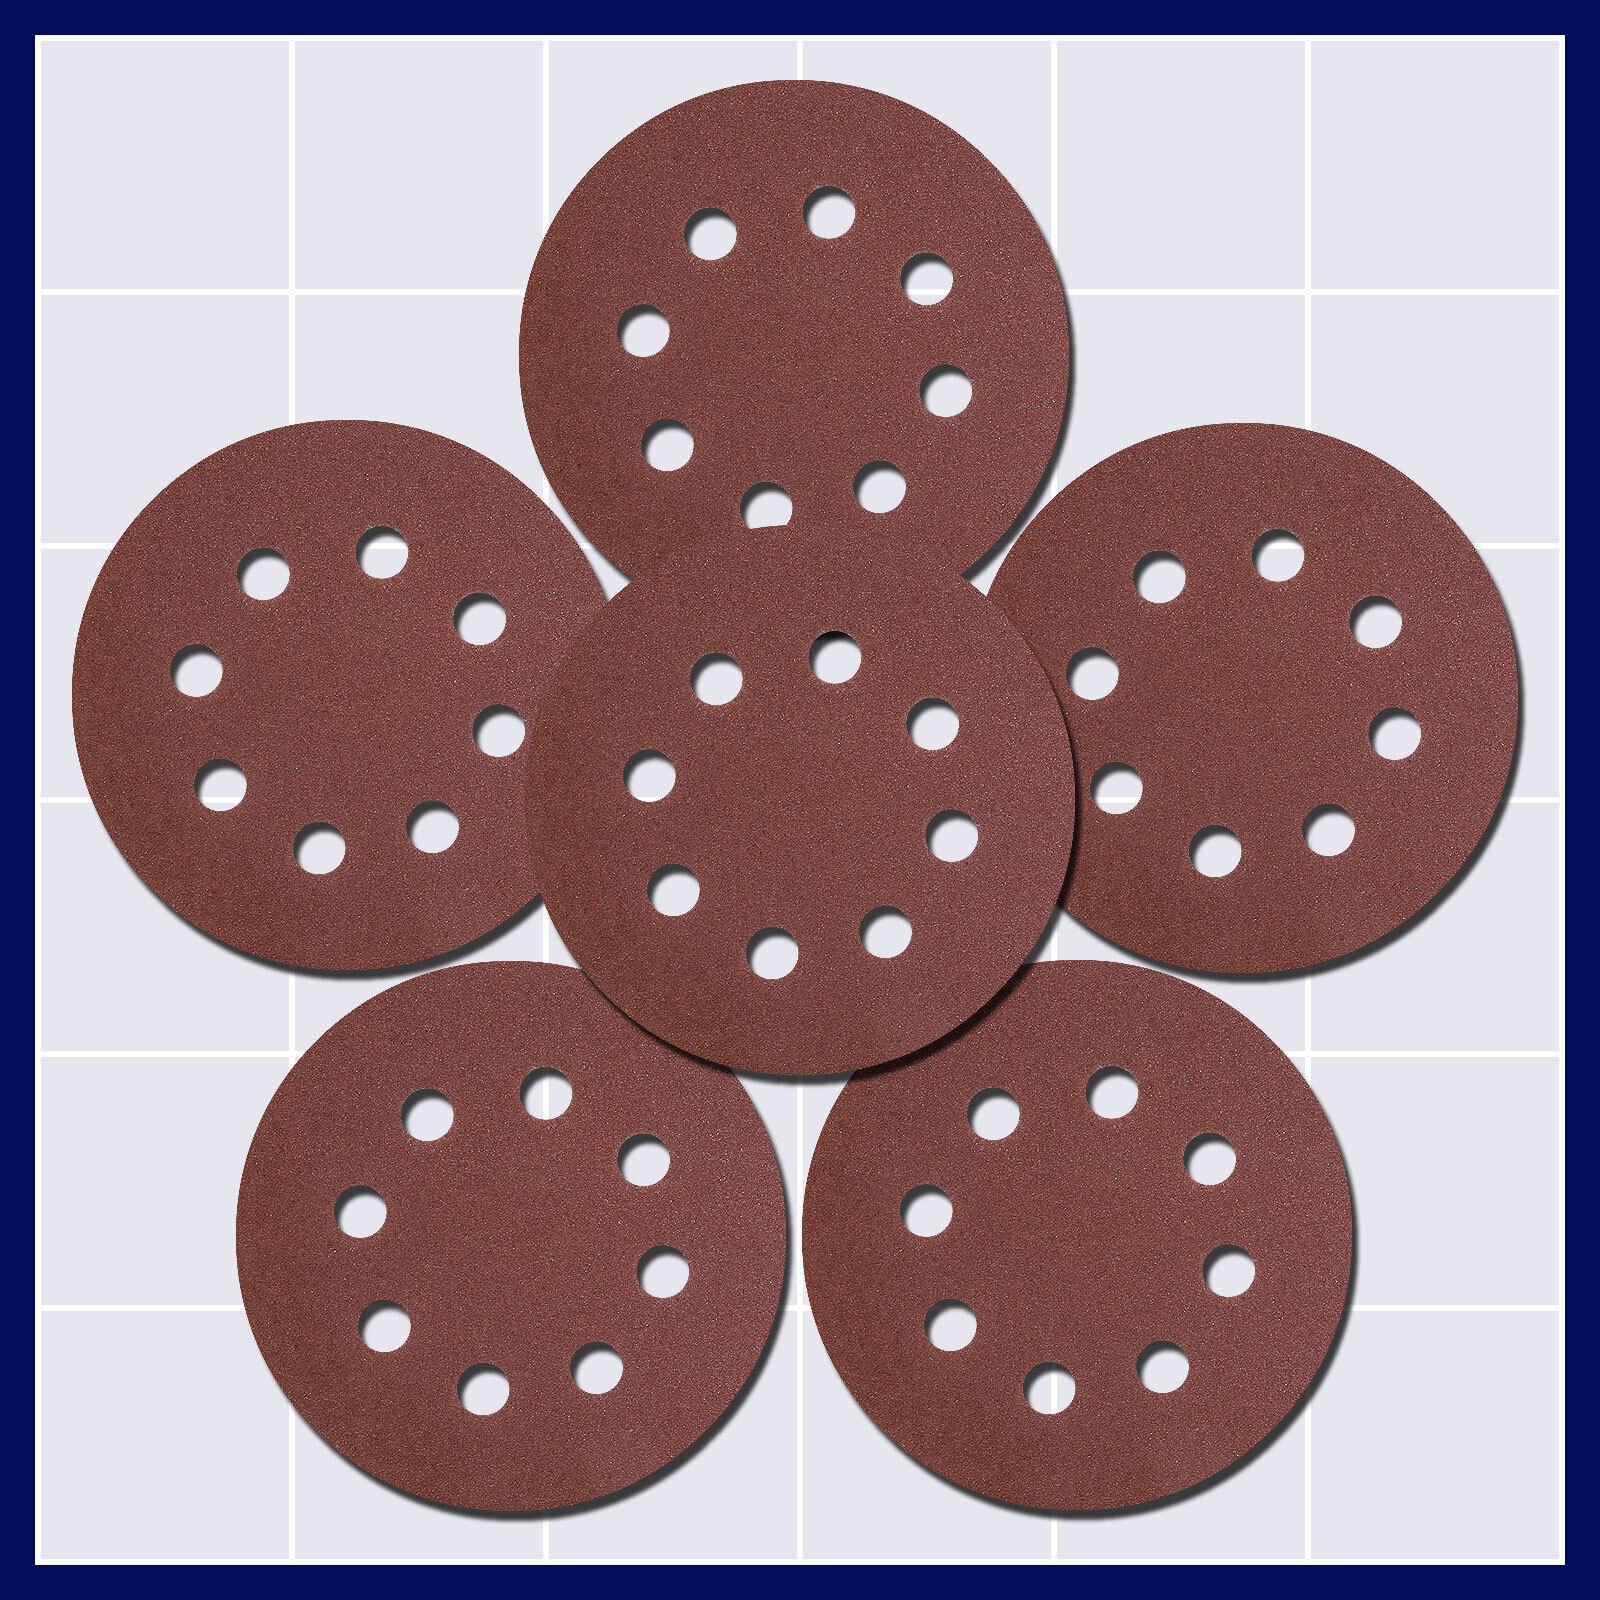 5 x Schleifpapier für Maus-Schleifmaschine Holz Metall 140 x 92 mm 40 Korn